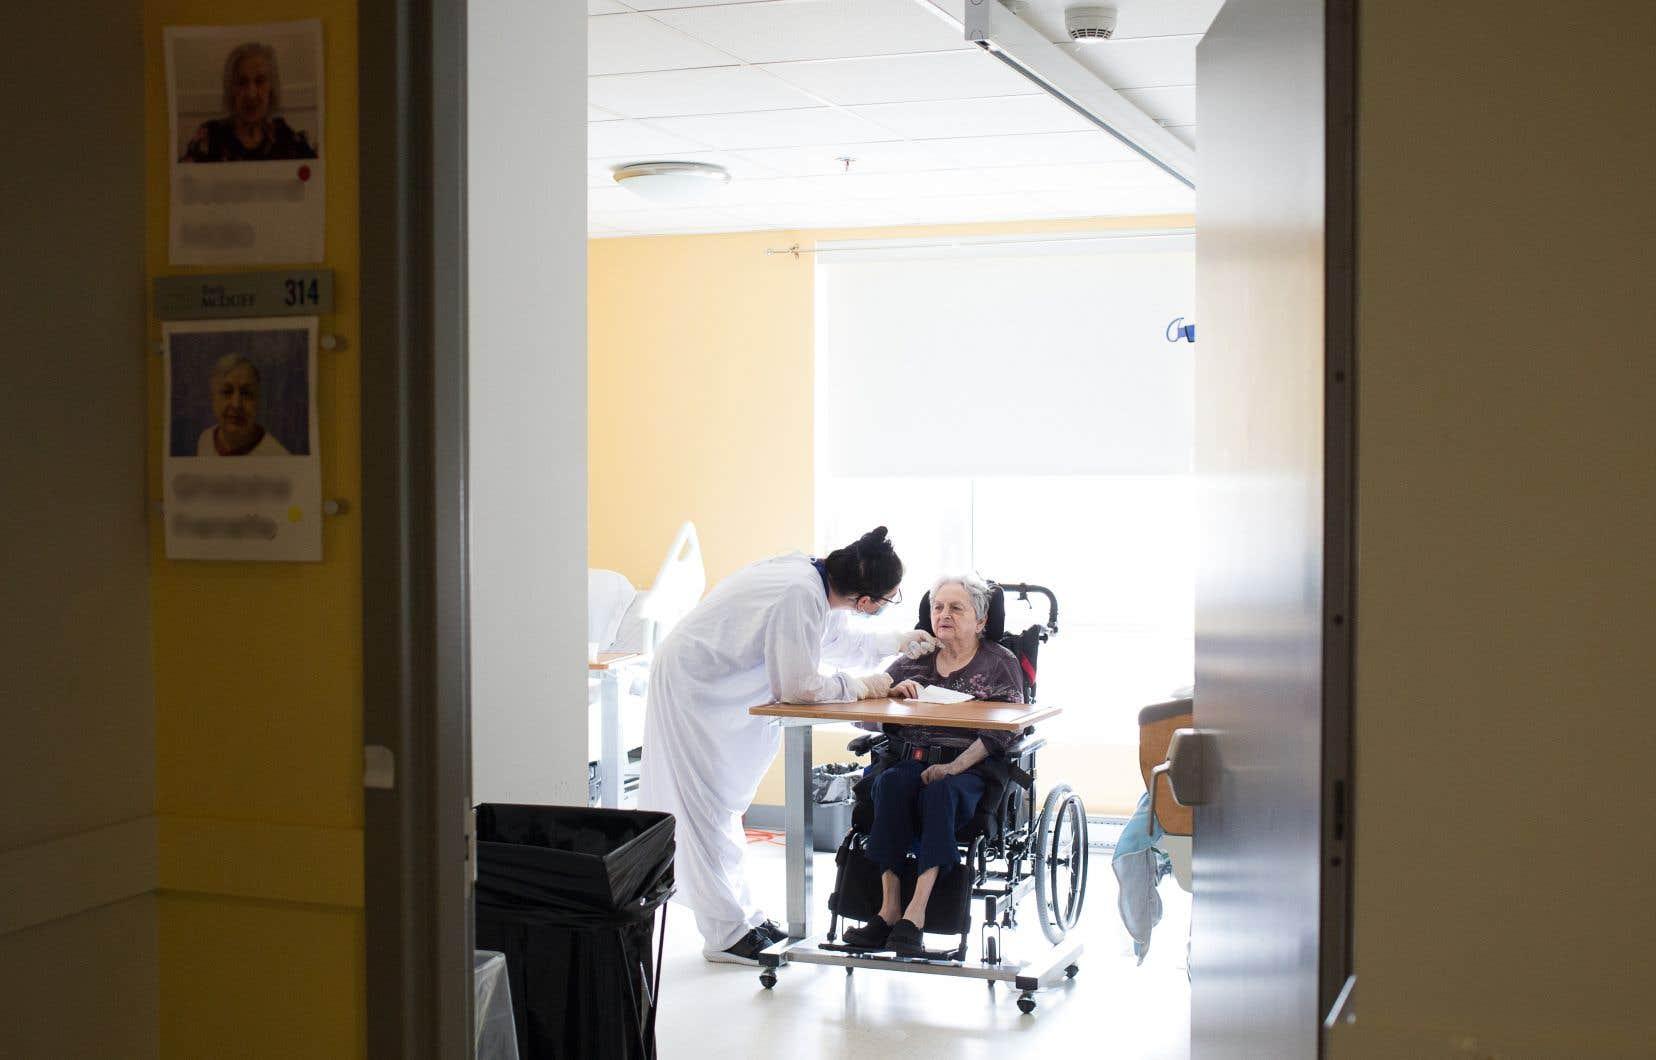 Le gouvernement Trudeau souhaite imposer aux provinces des normes nationales quant à la qualité des soins prodigués dans les centres d'hébergement et de soins de longue durée pour personnes âgées.